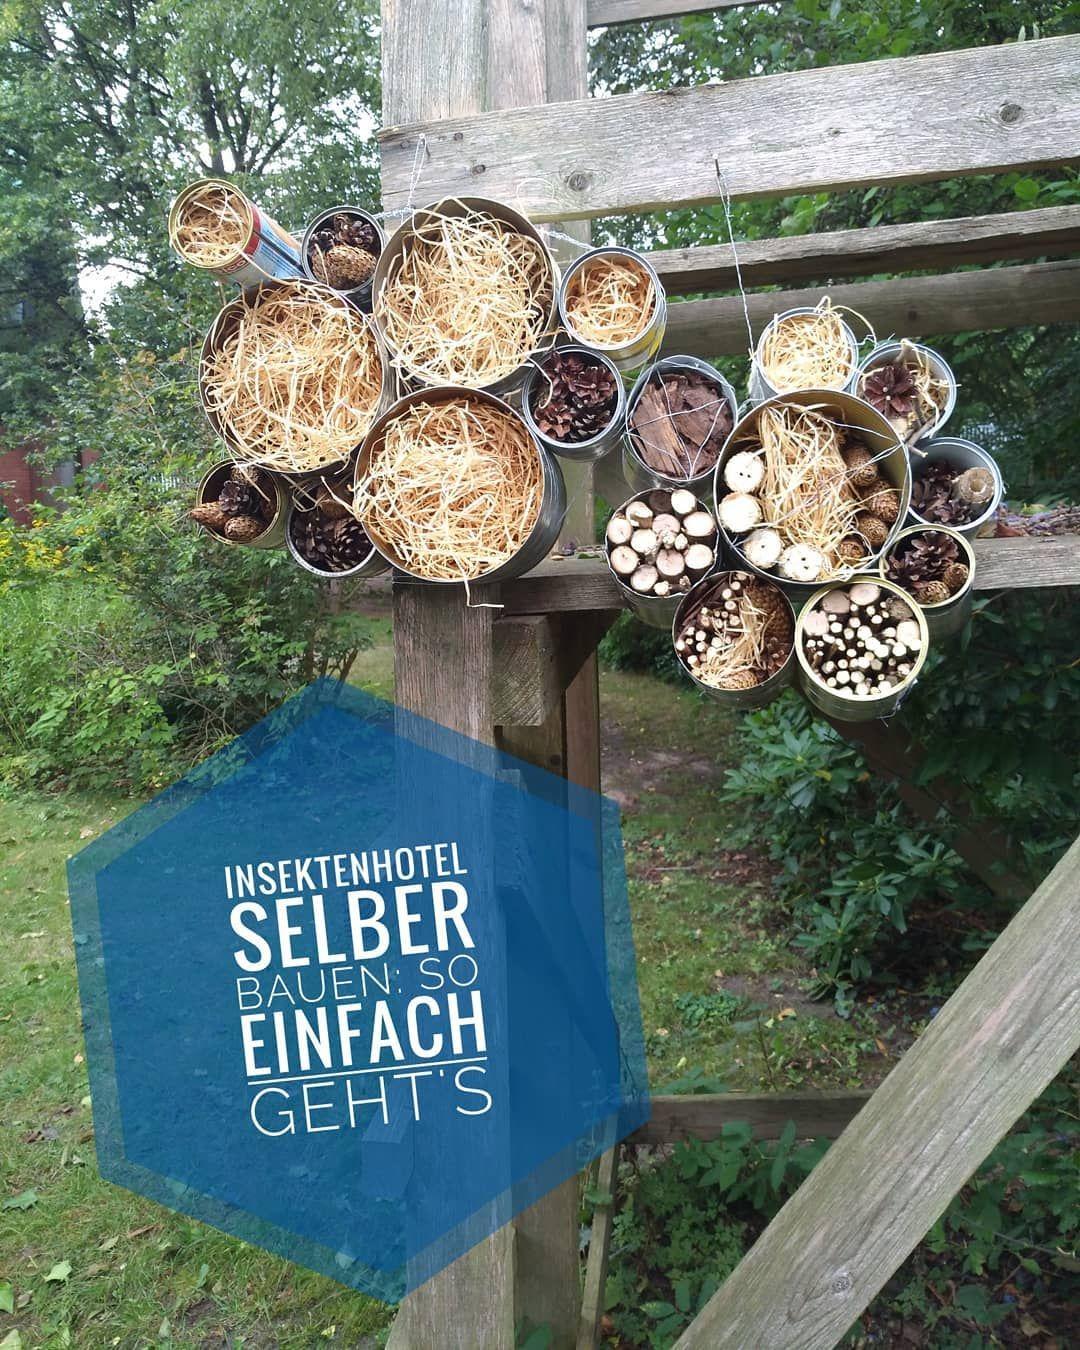 Wir haben auf dem Gemeindefest von St. Petri ein upcycling Insektenhotel gebaut. Du möchtest jetzt auch eins im Garten hängen haben und Insekten einen Platz zum überwintern geben? So einfach geht's. Du brauchst Konservendosen, Draht, einen Nagel, einen Hammer, eine Gartenschere, eine Zange und ein paar Narurmaterialien wie Kiefernzapfen, Stroh, Rindenmulch und #gartenupcycling